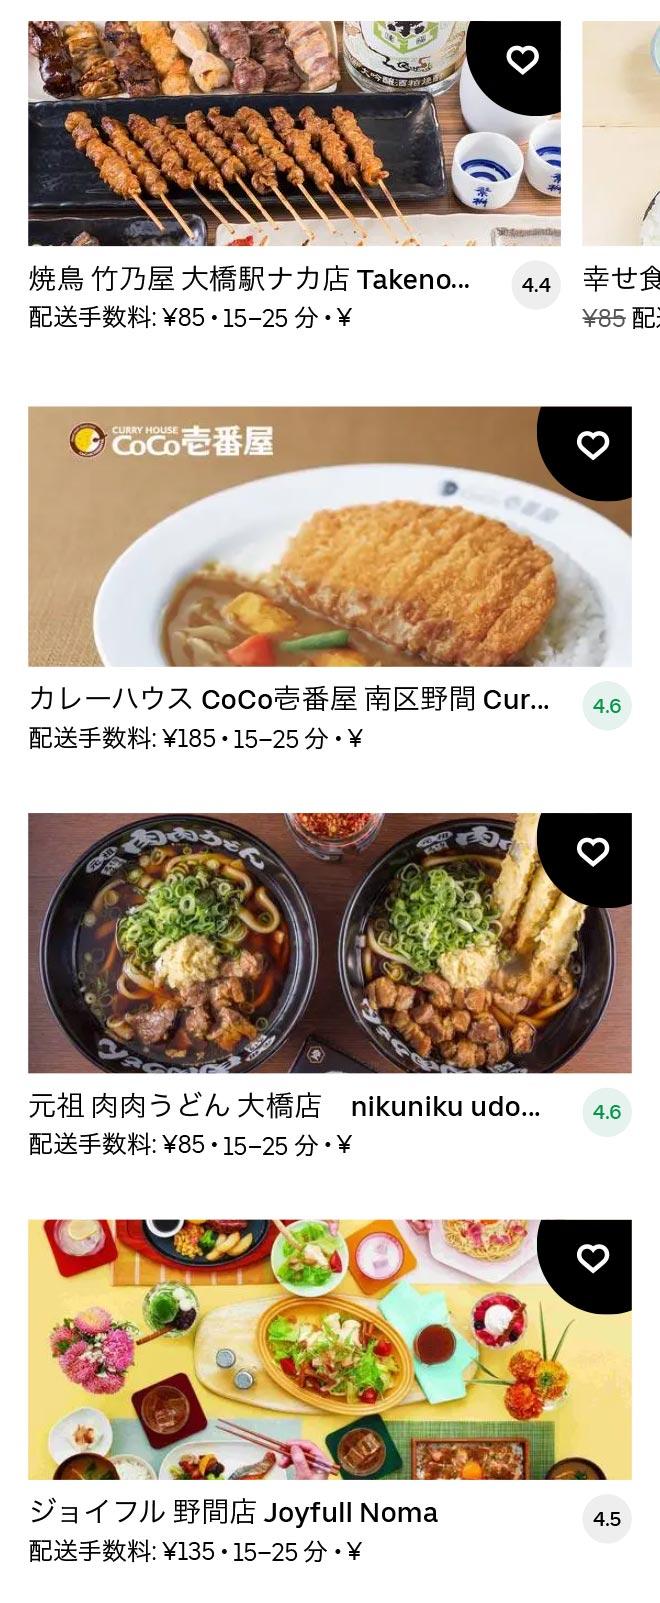 Oohashi menu 2101 02